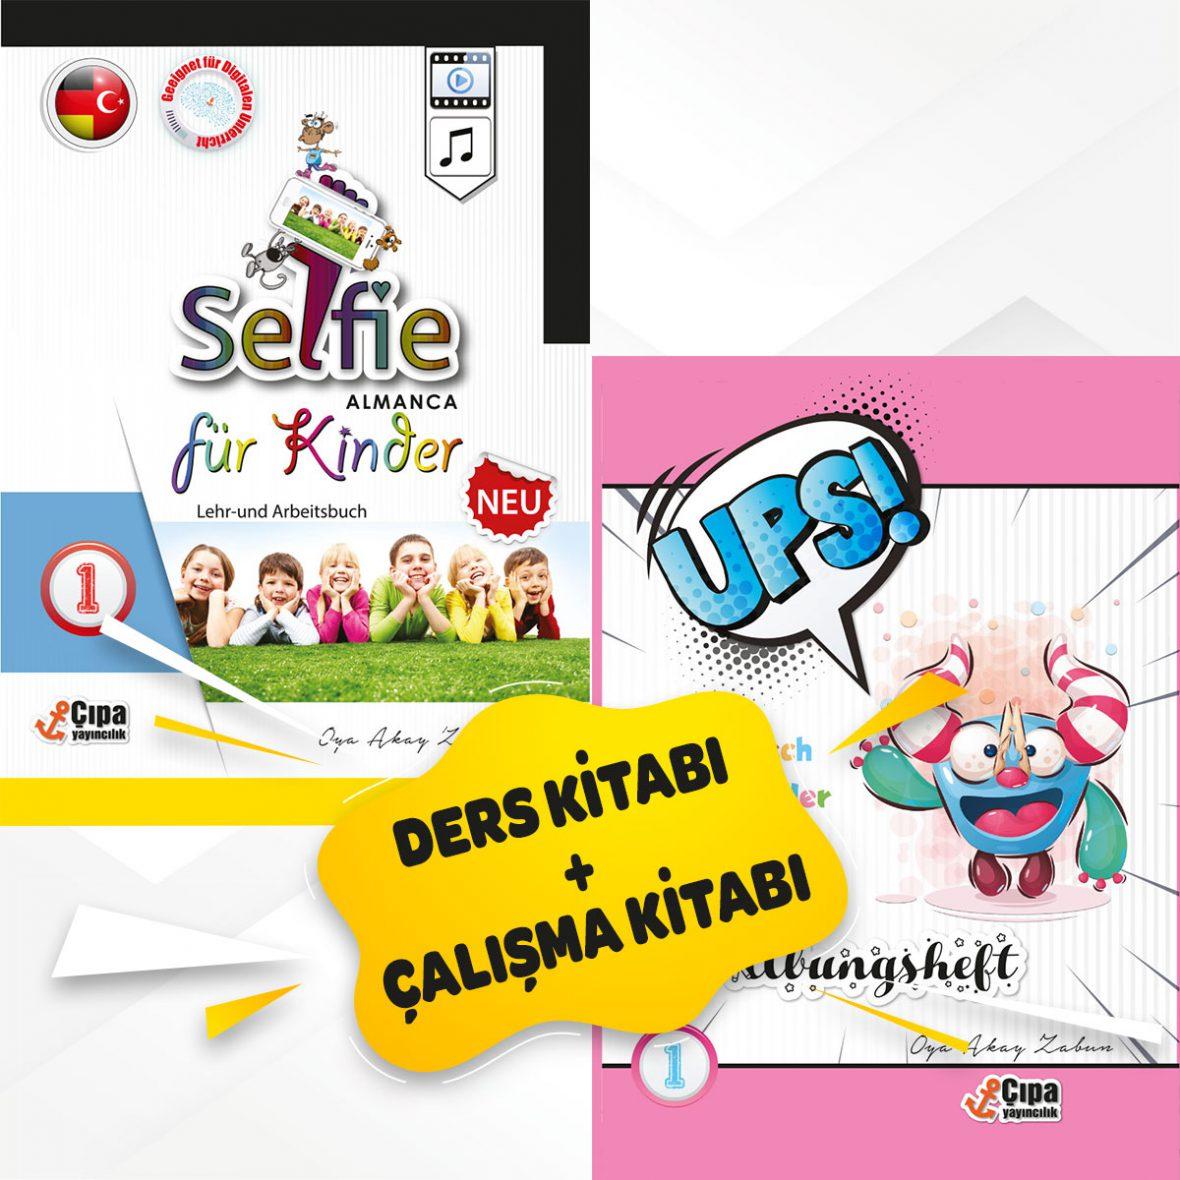 Selfie Almanca Für Kinder 1  Neu + Ups! 1